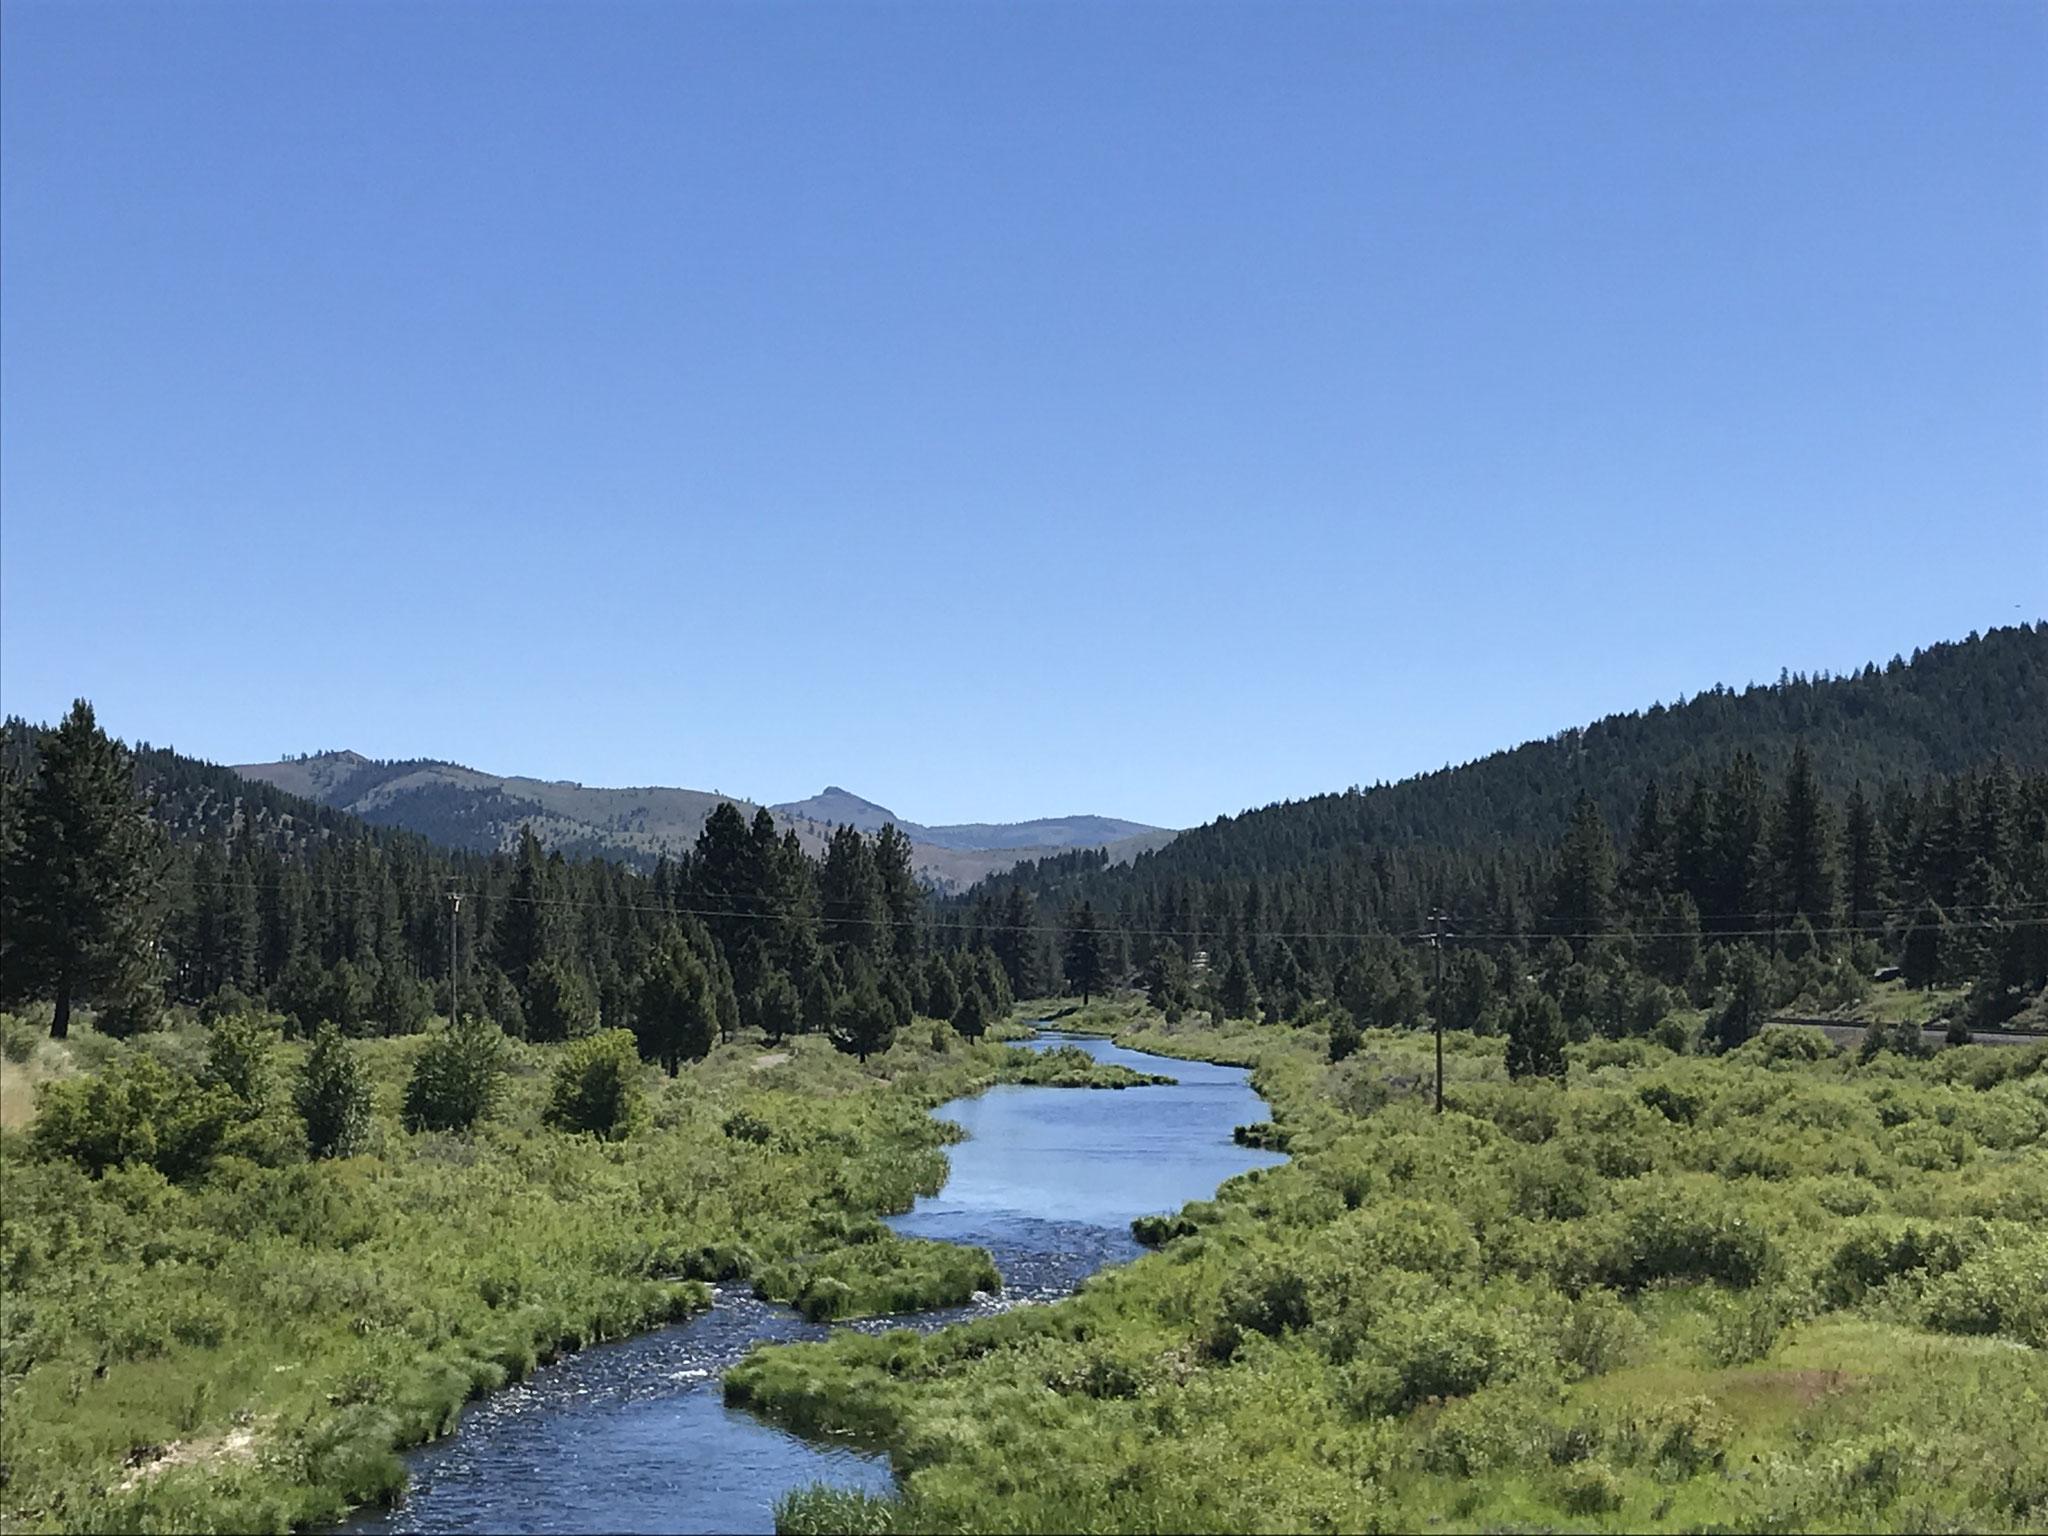 Blick in die schöne Landschaft des Plumas National Forest